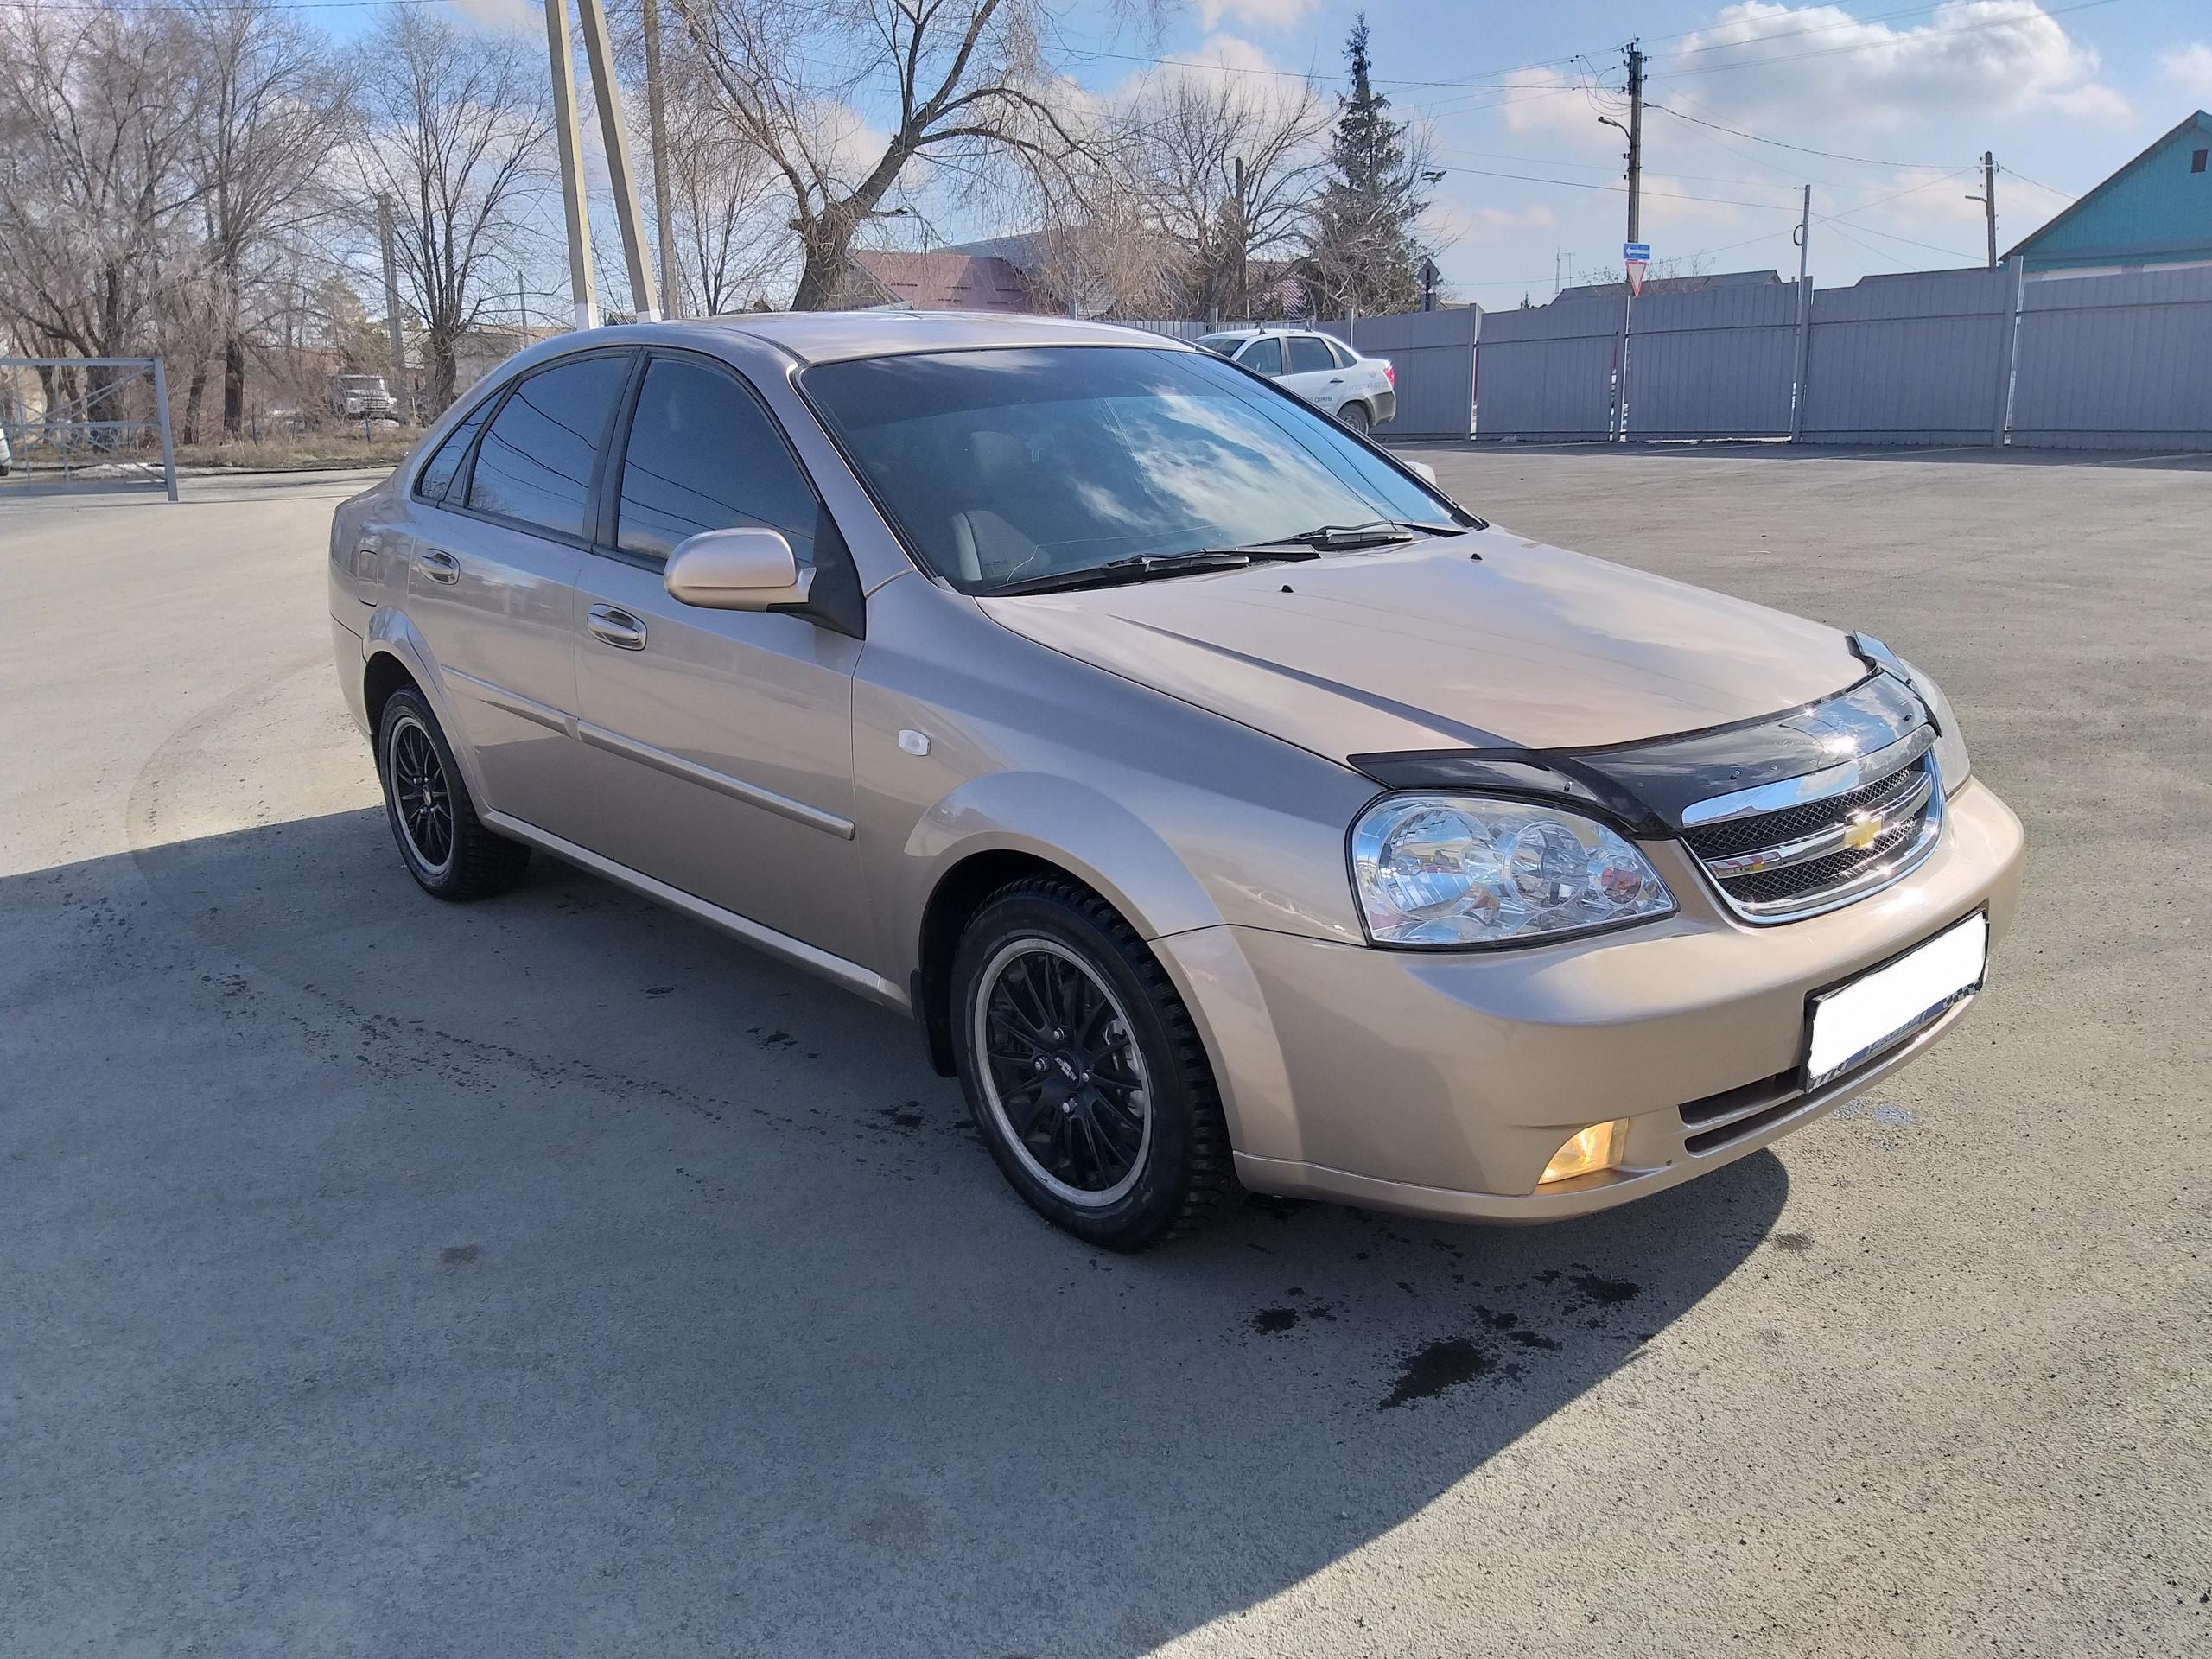 ПРОДАМ!!!!Chevrolet Lacetti!!!! 2008 года БОГАТАЯ | Объявления Орска и Новотроицка №3006